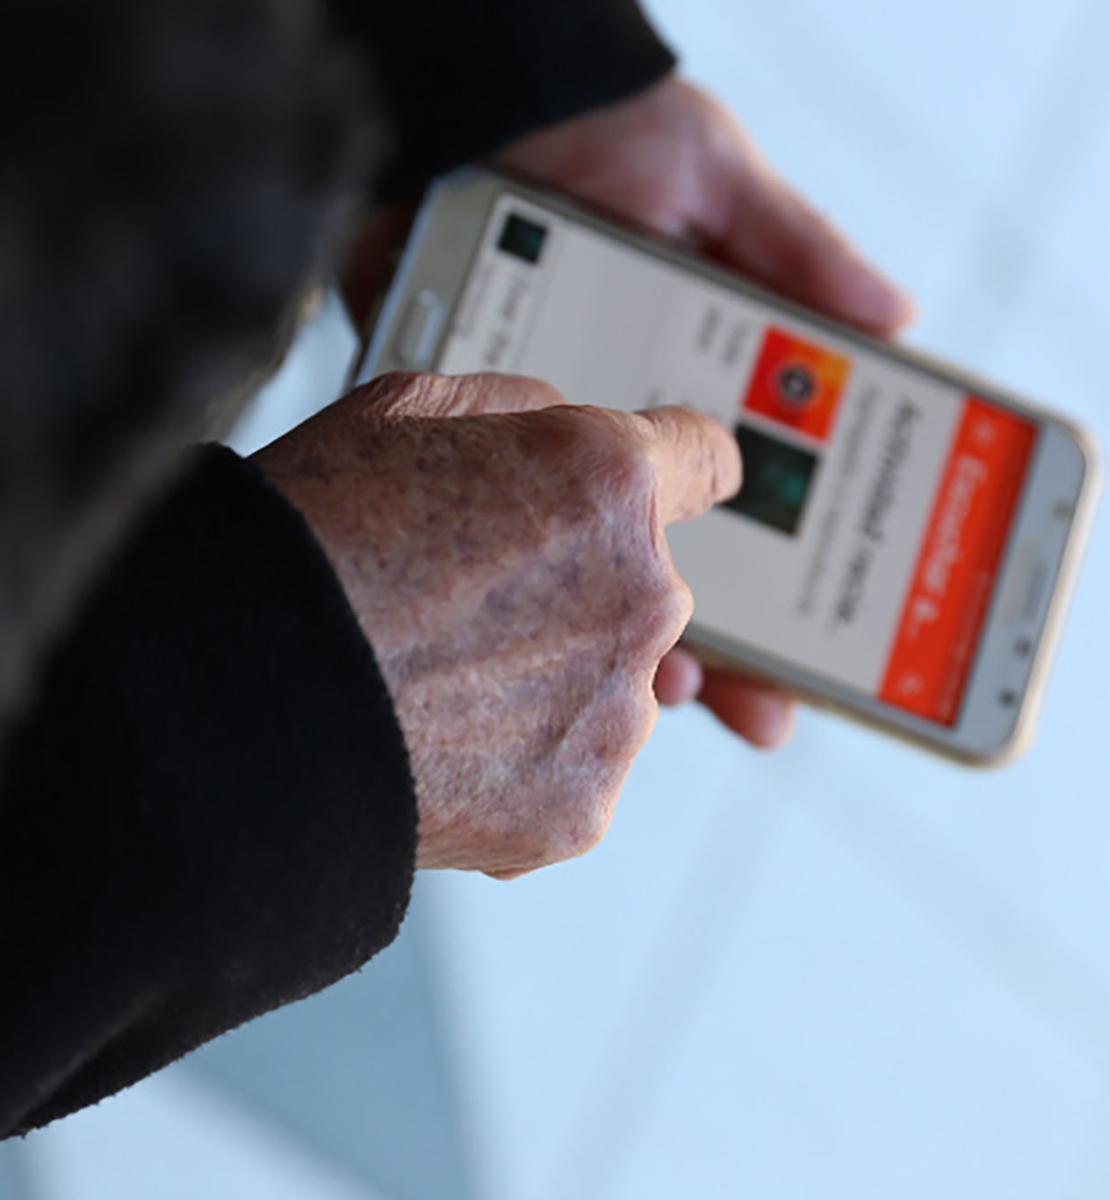 Imagen de las manos de una persona sujetando un teléfono móvil y utilizando una aplicación.